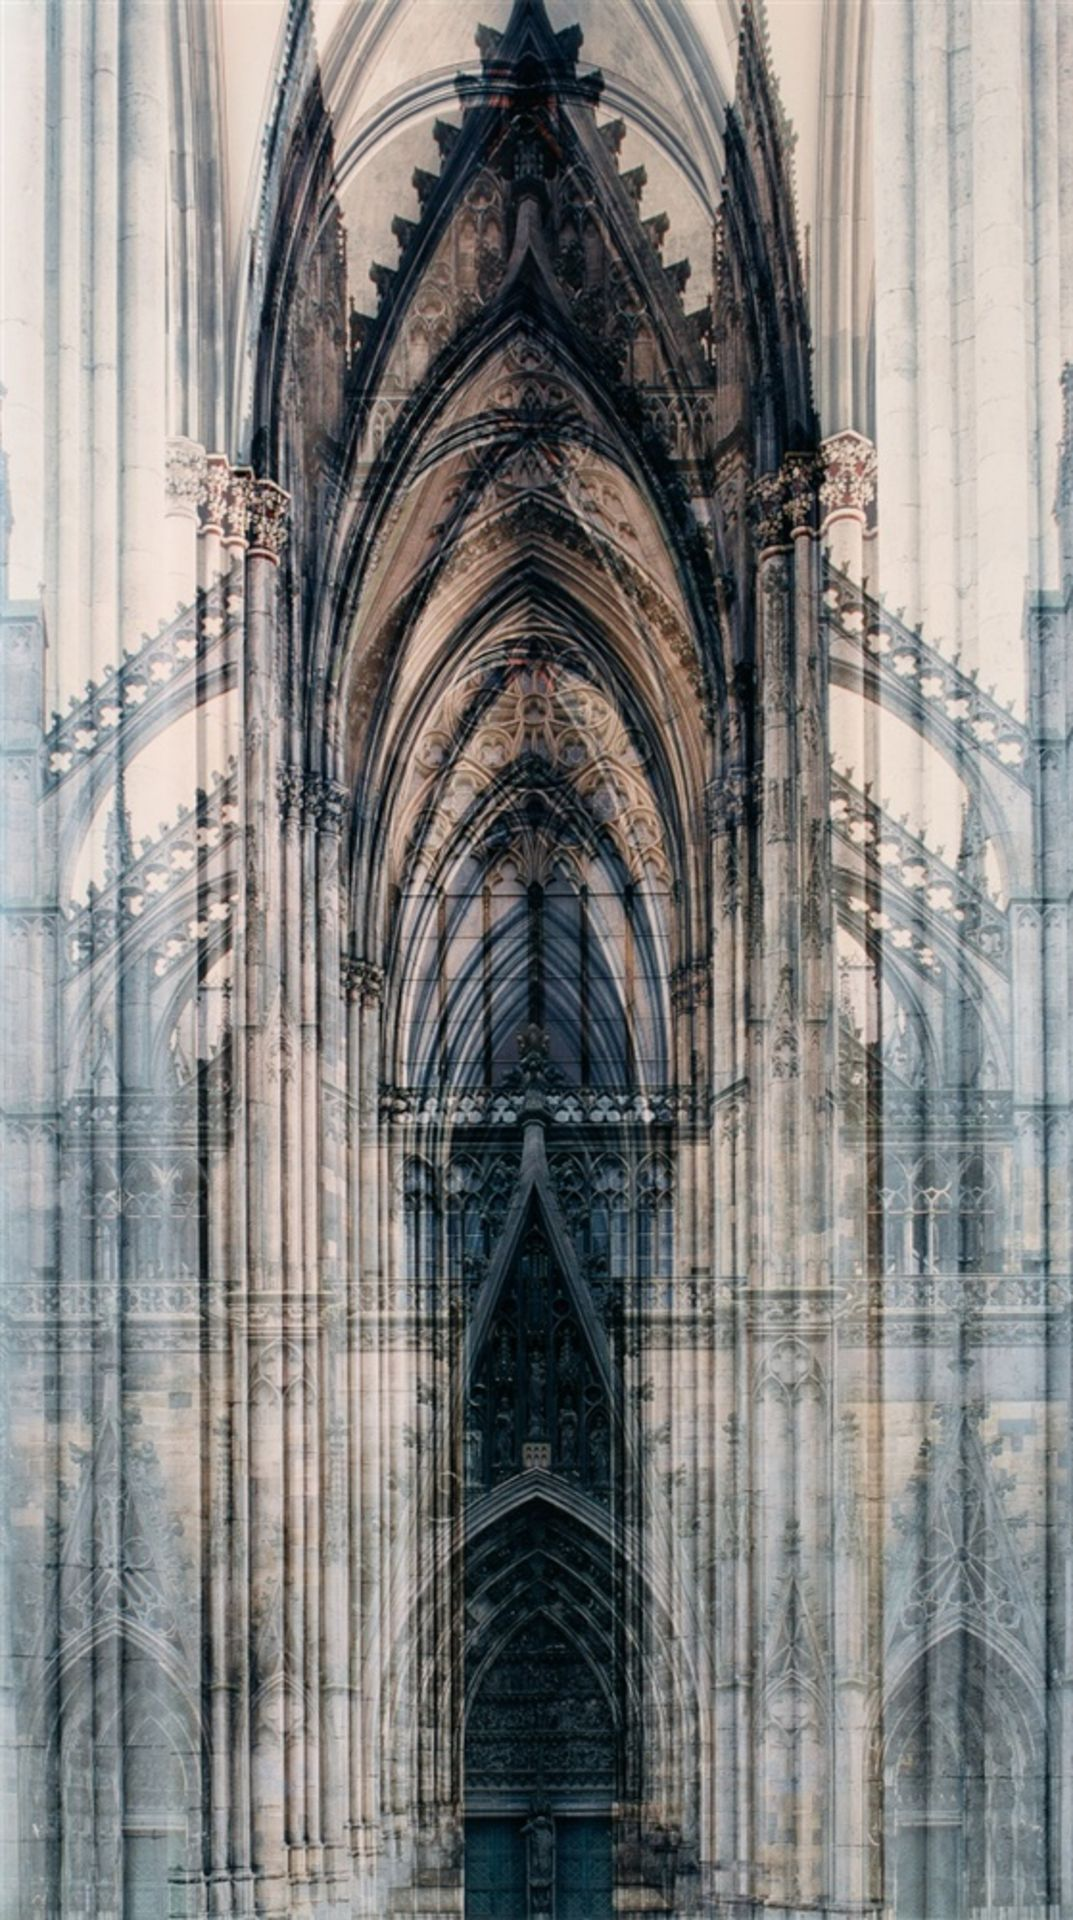 Roland FischerOhne Titel (aus der Serie: Cathedrals)